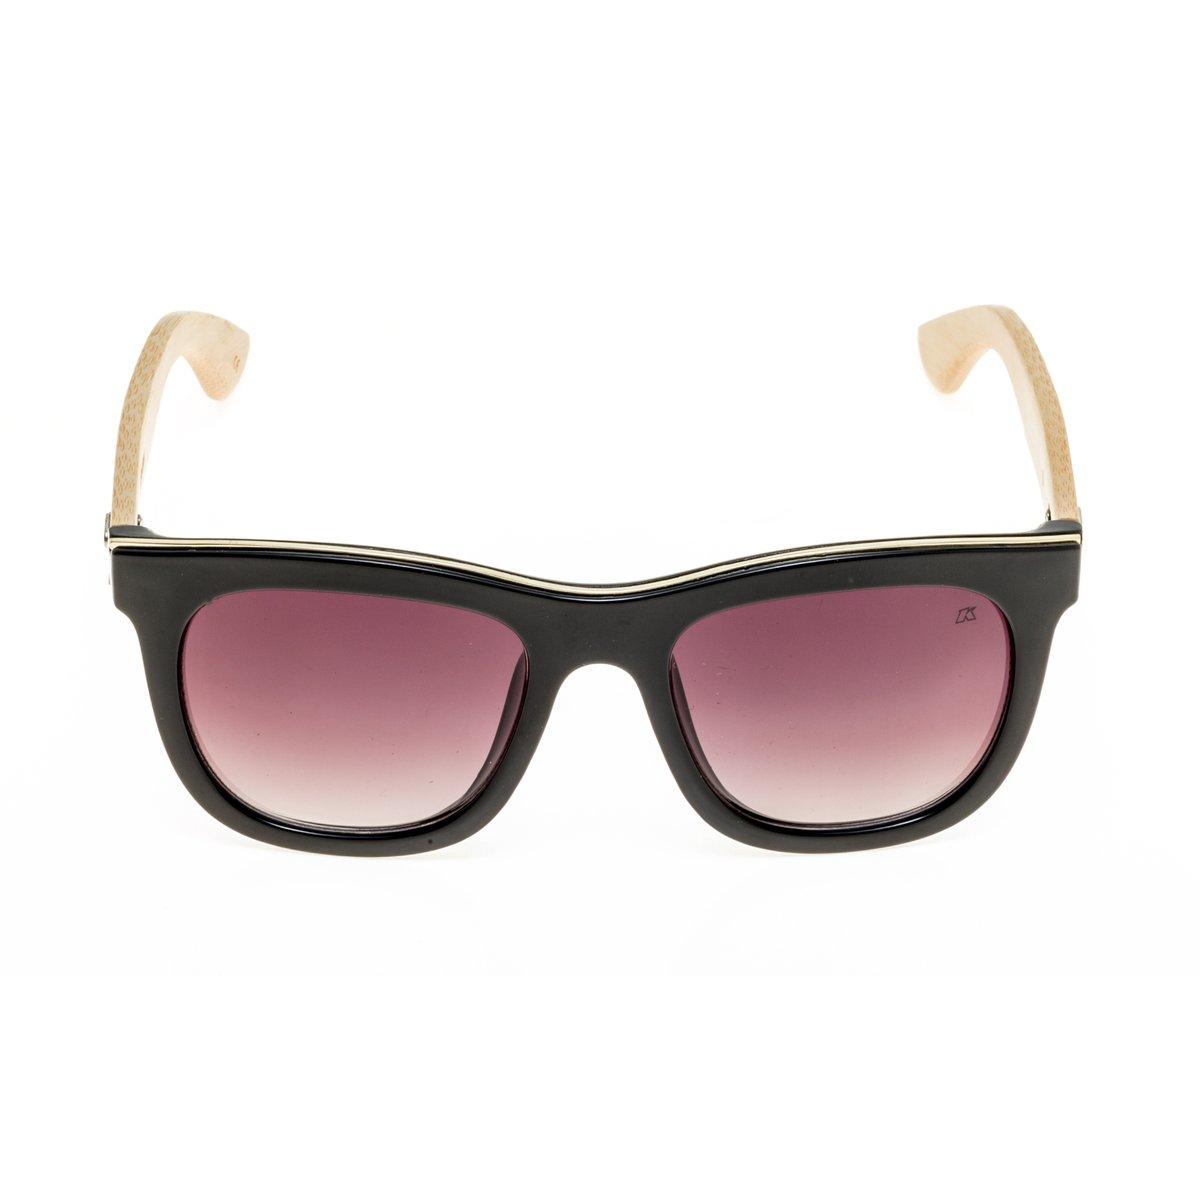 f5a2010ef31ba Óculos de Sol Khatto 540984 - Compre Agora